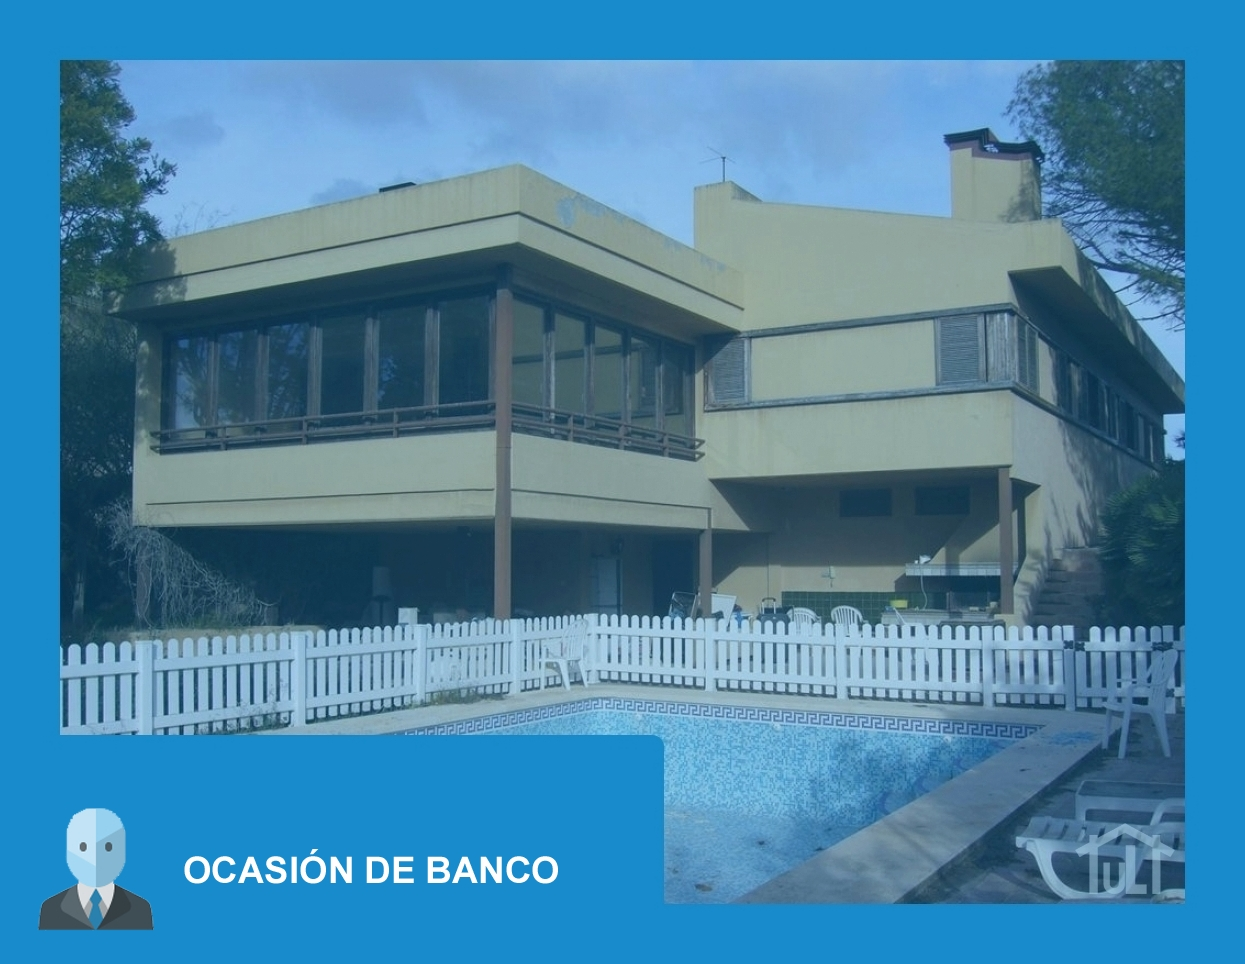 Chalet – 5 dormitorios – Ocasión de Banco – Vistahermosa